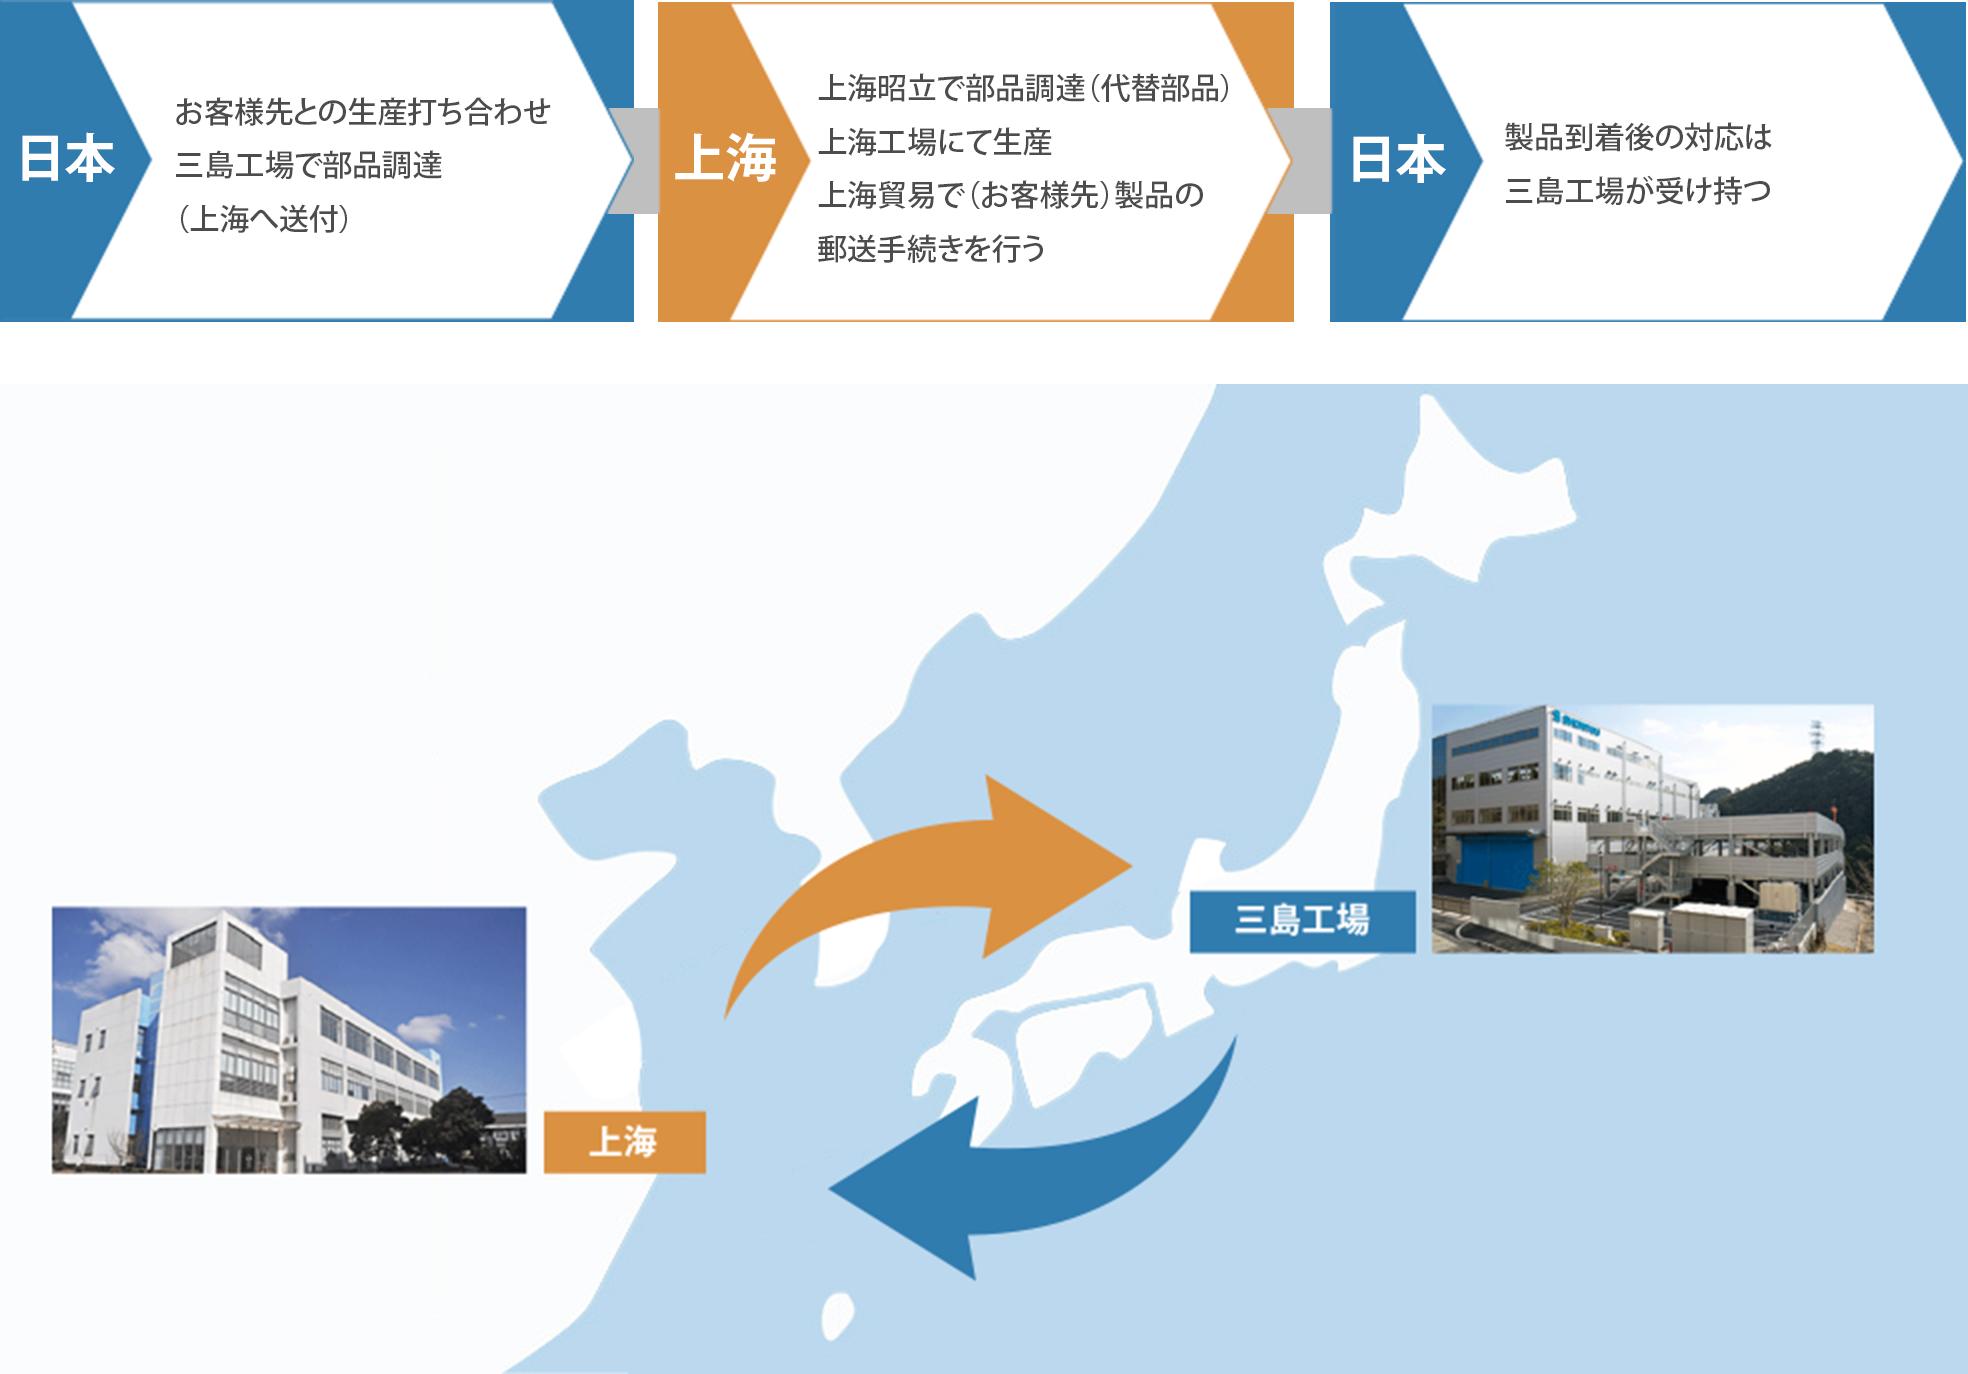 上海拠点を利用した製造プロセス例の説明画像